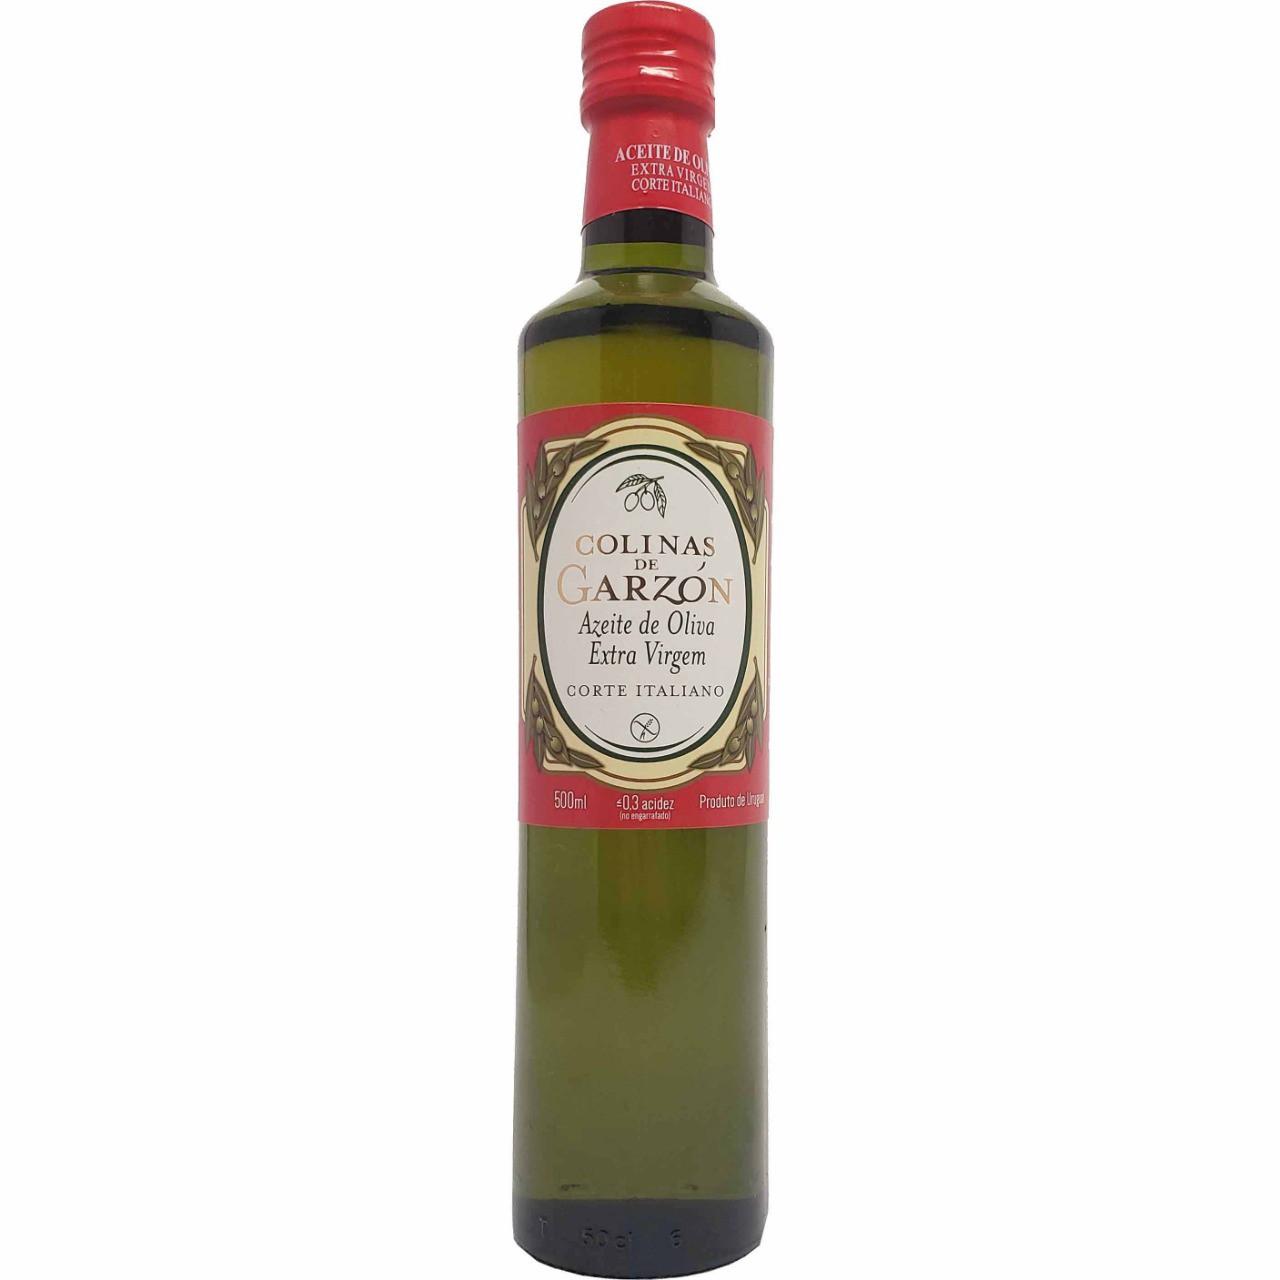 Azeite de Oliva Extra Virgem Corte Italiano Colinas de Garzón - 500ml -